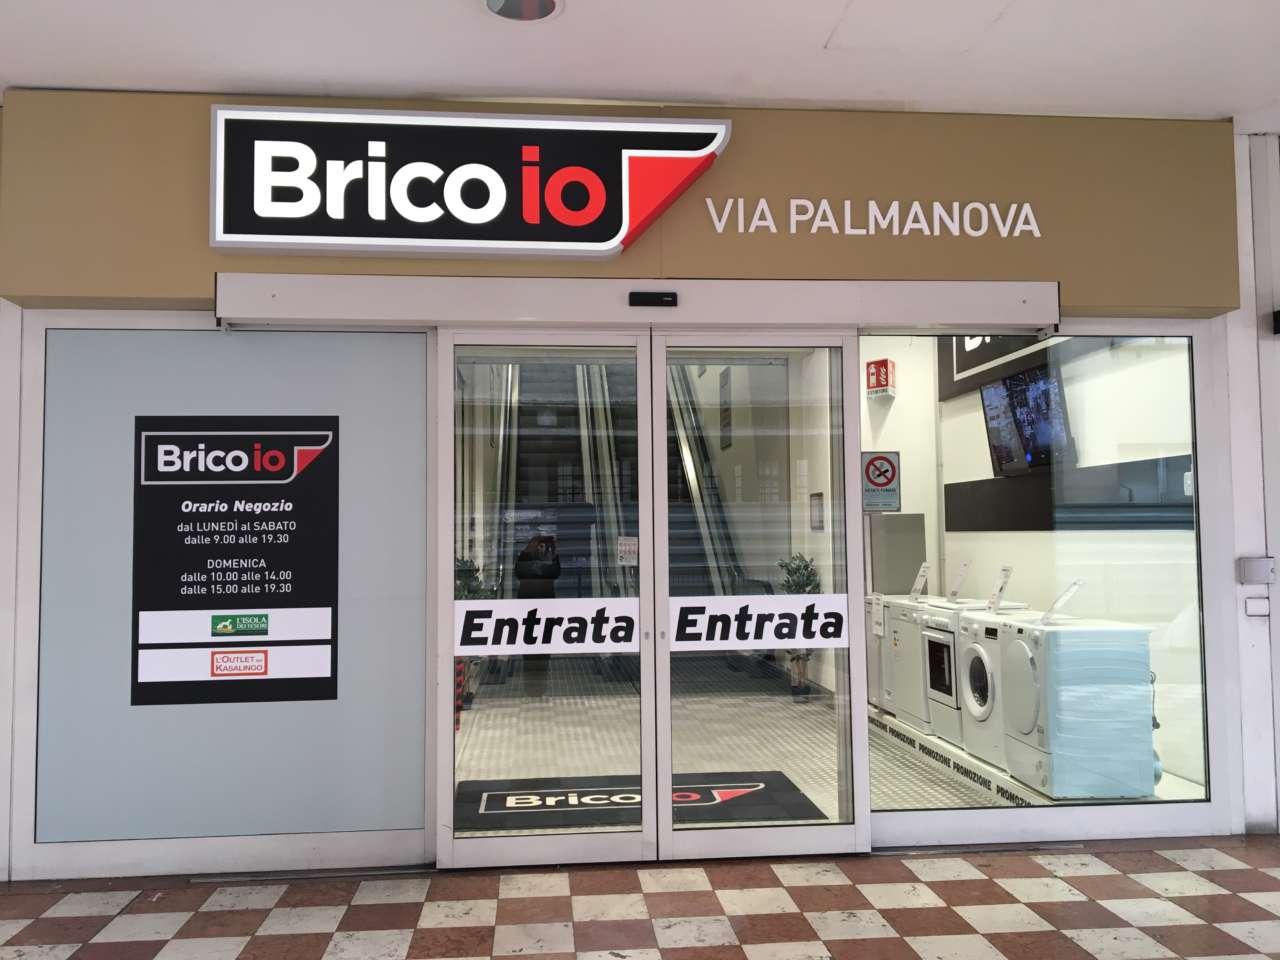 Mobili Bagno Brico Io.Brico Io Apertura A Milano